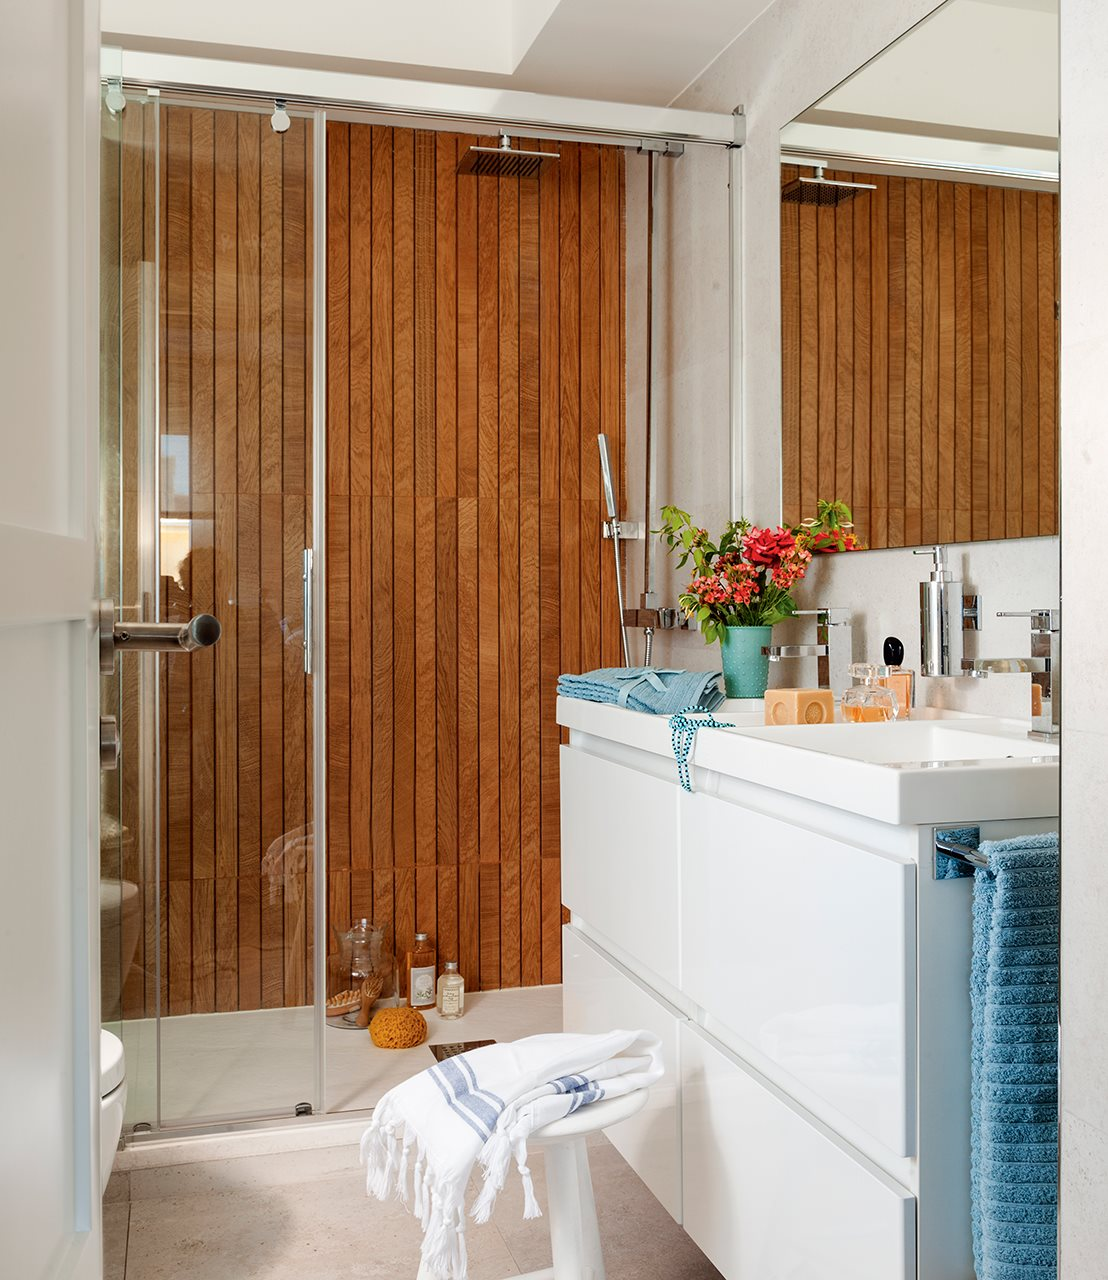 Baño con revestimiento imitando a madera. Baño con ducha